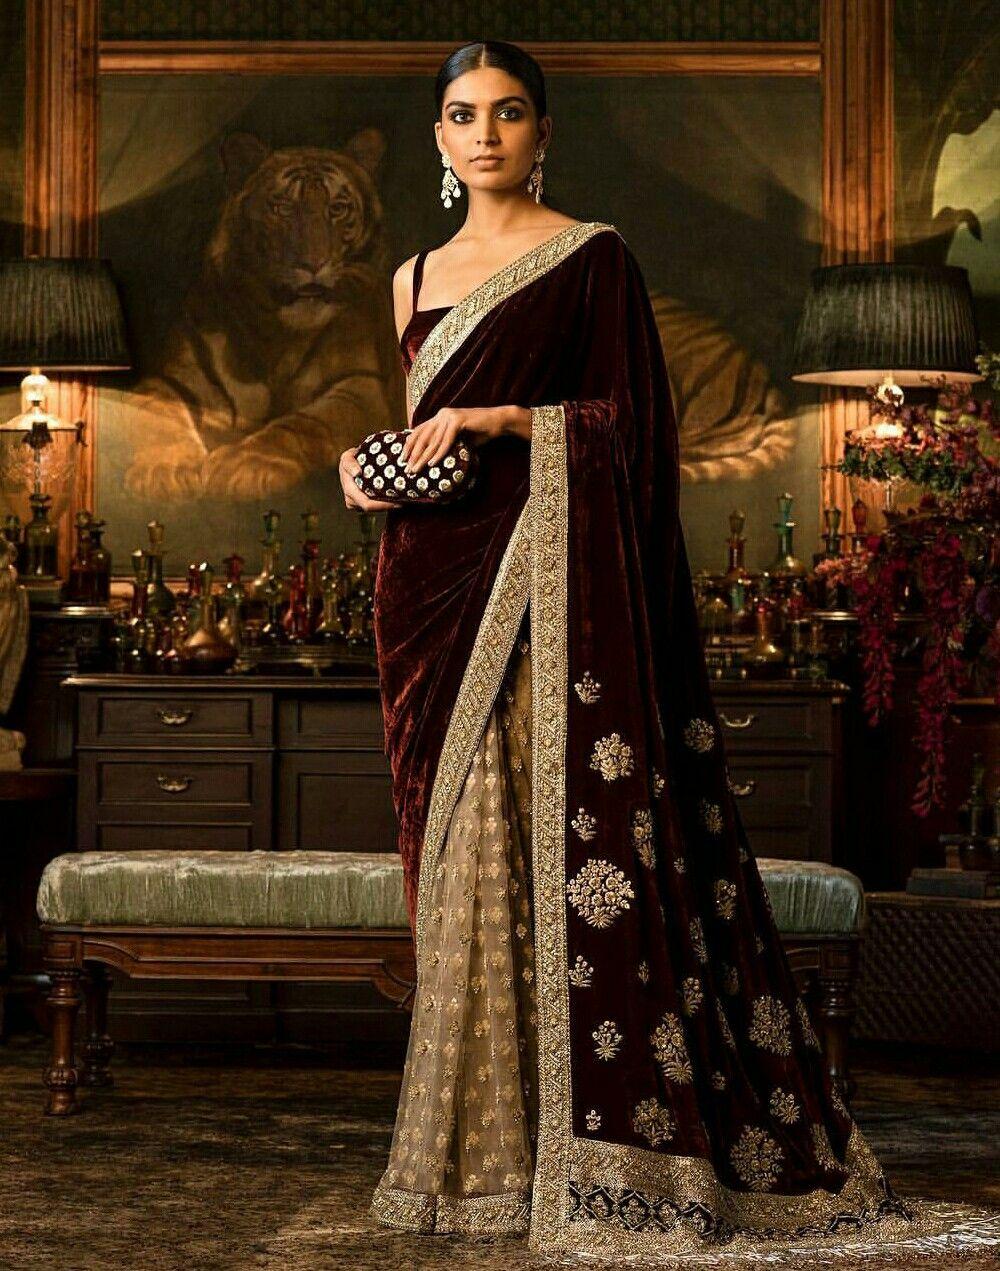 10 Saree Designing Ideas to Make It Look Expensive • Keep Me Stylish |  Sabyasachi sarees, Blouse design images, Saree designs